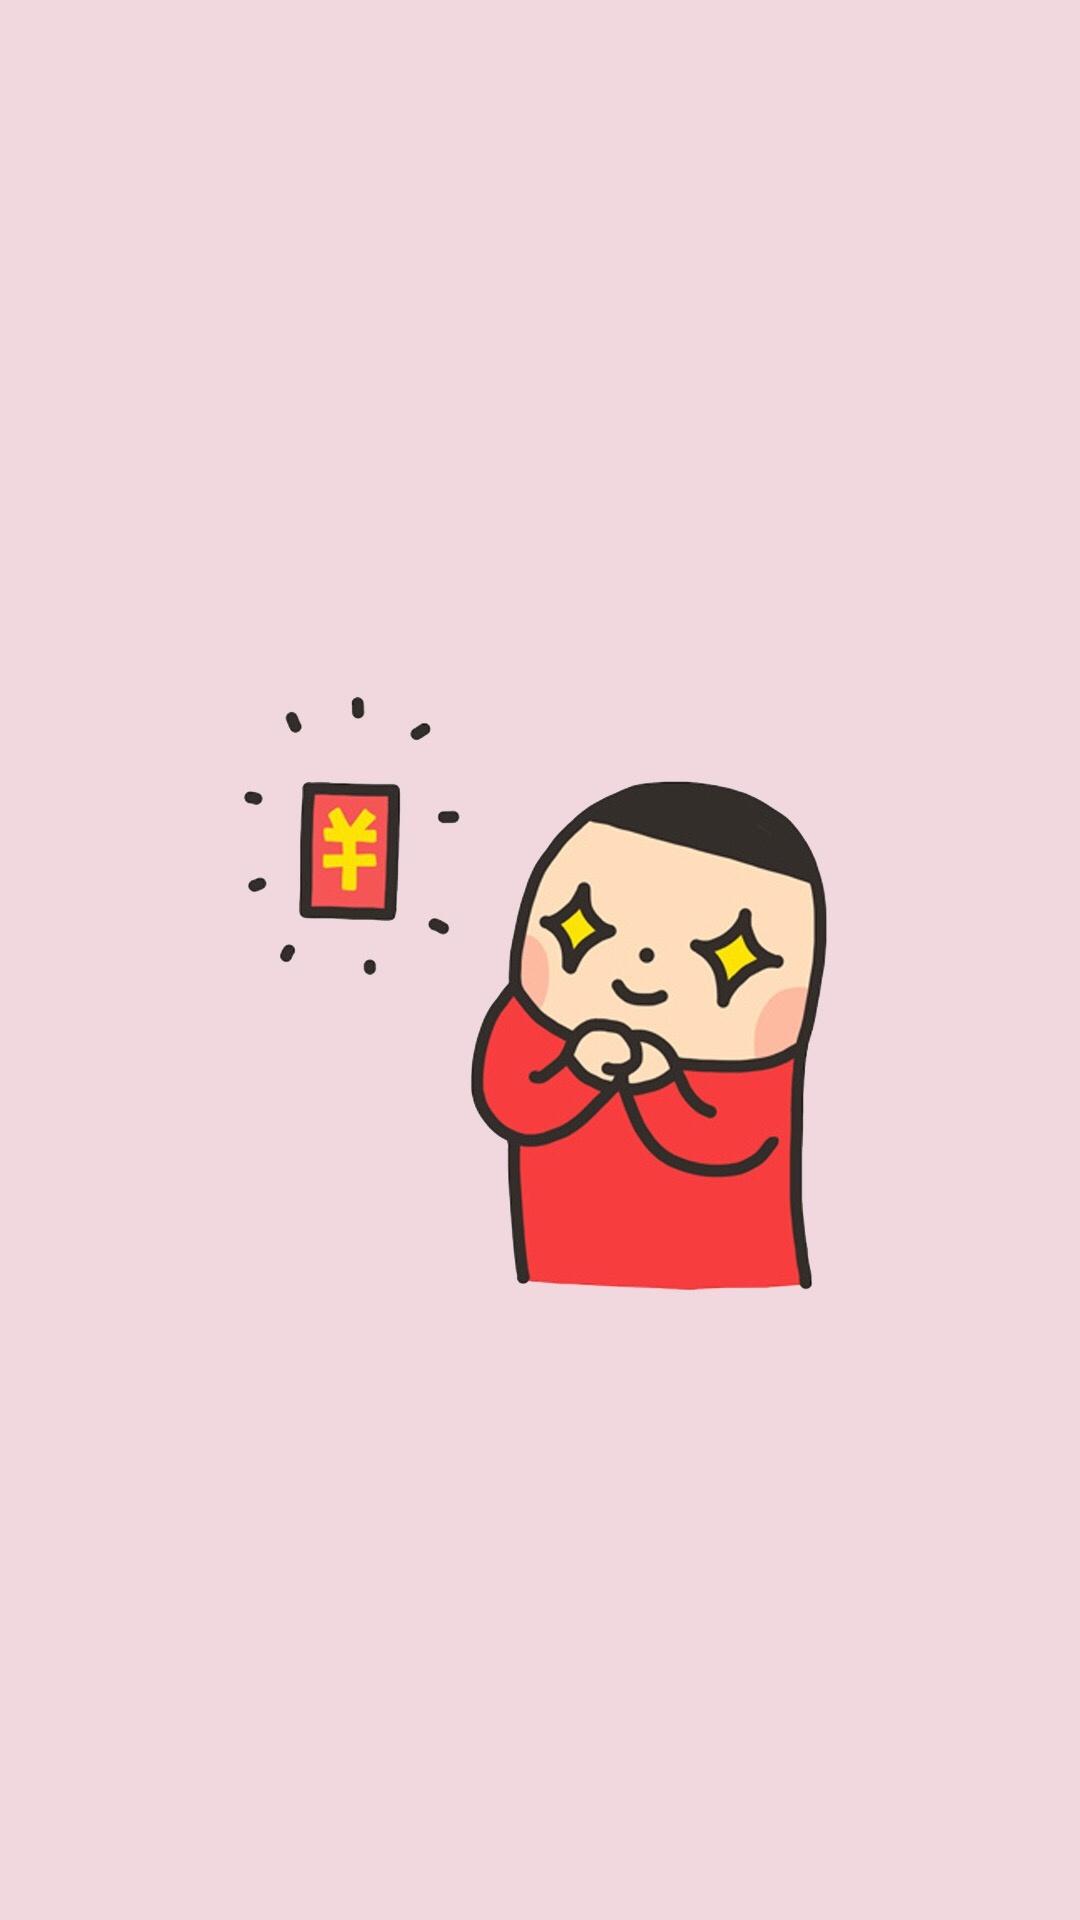 过年 拜年 新年 春节 苹果手机高清壁纸_爱思助手